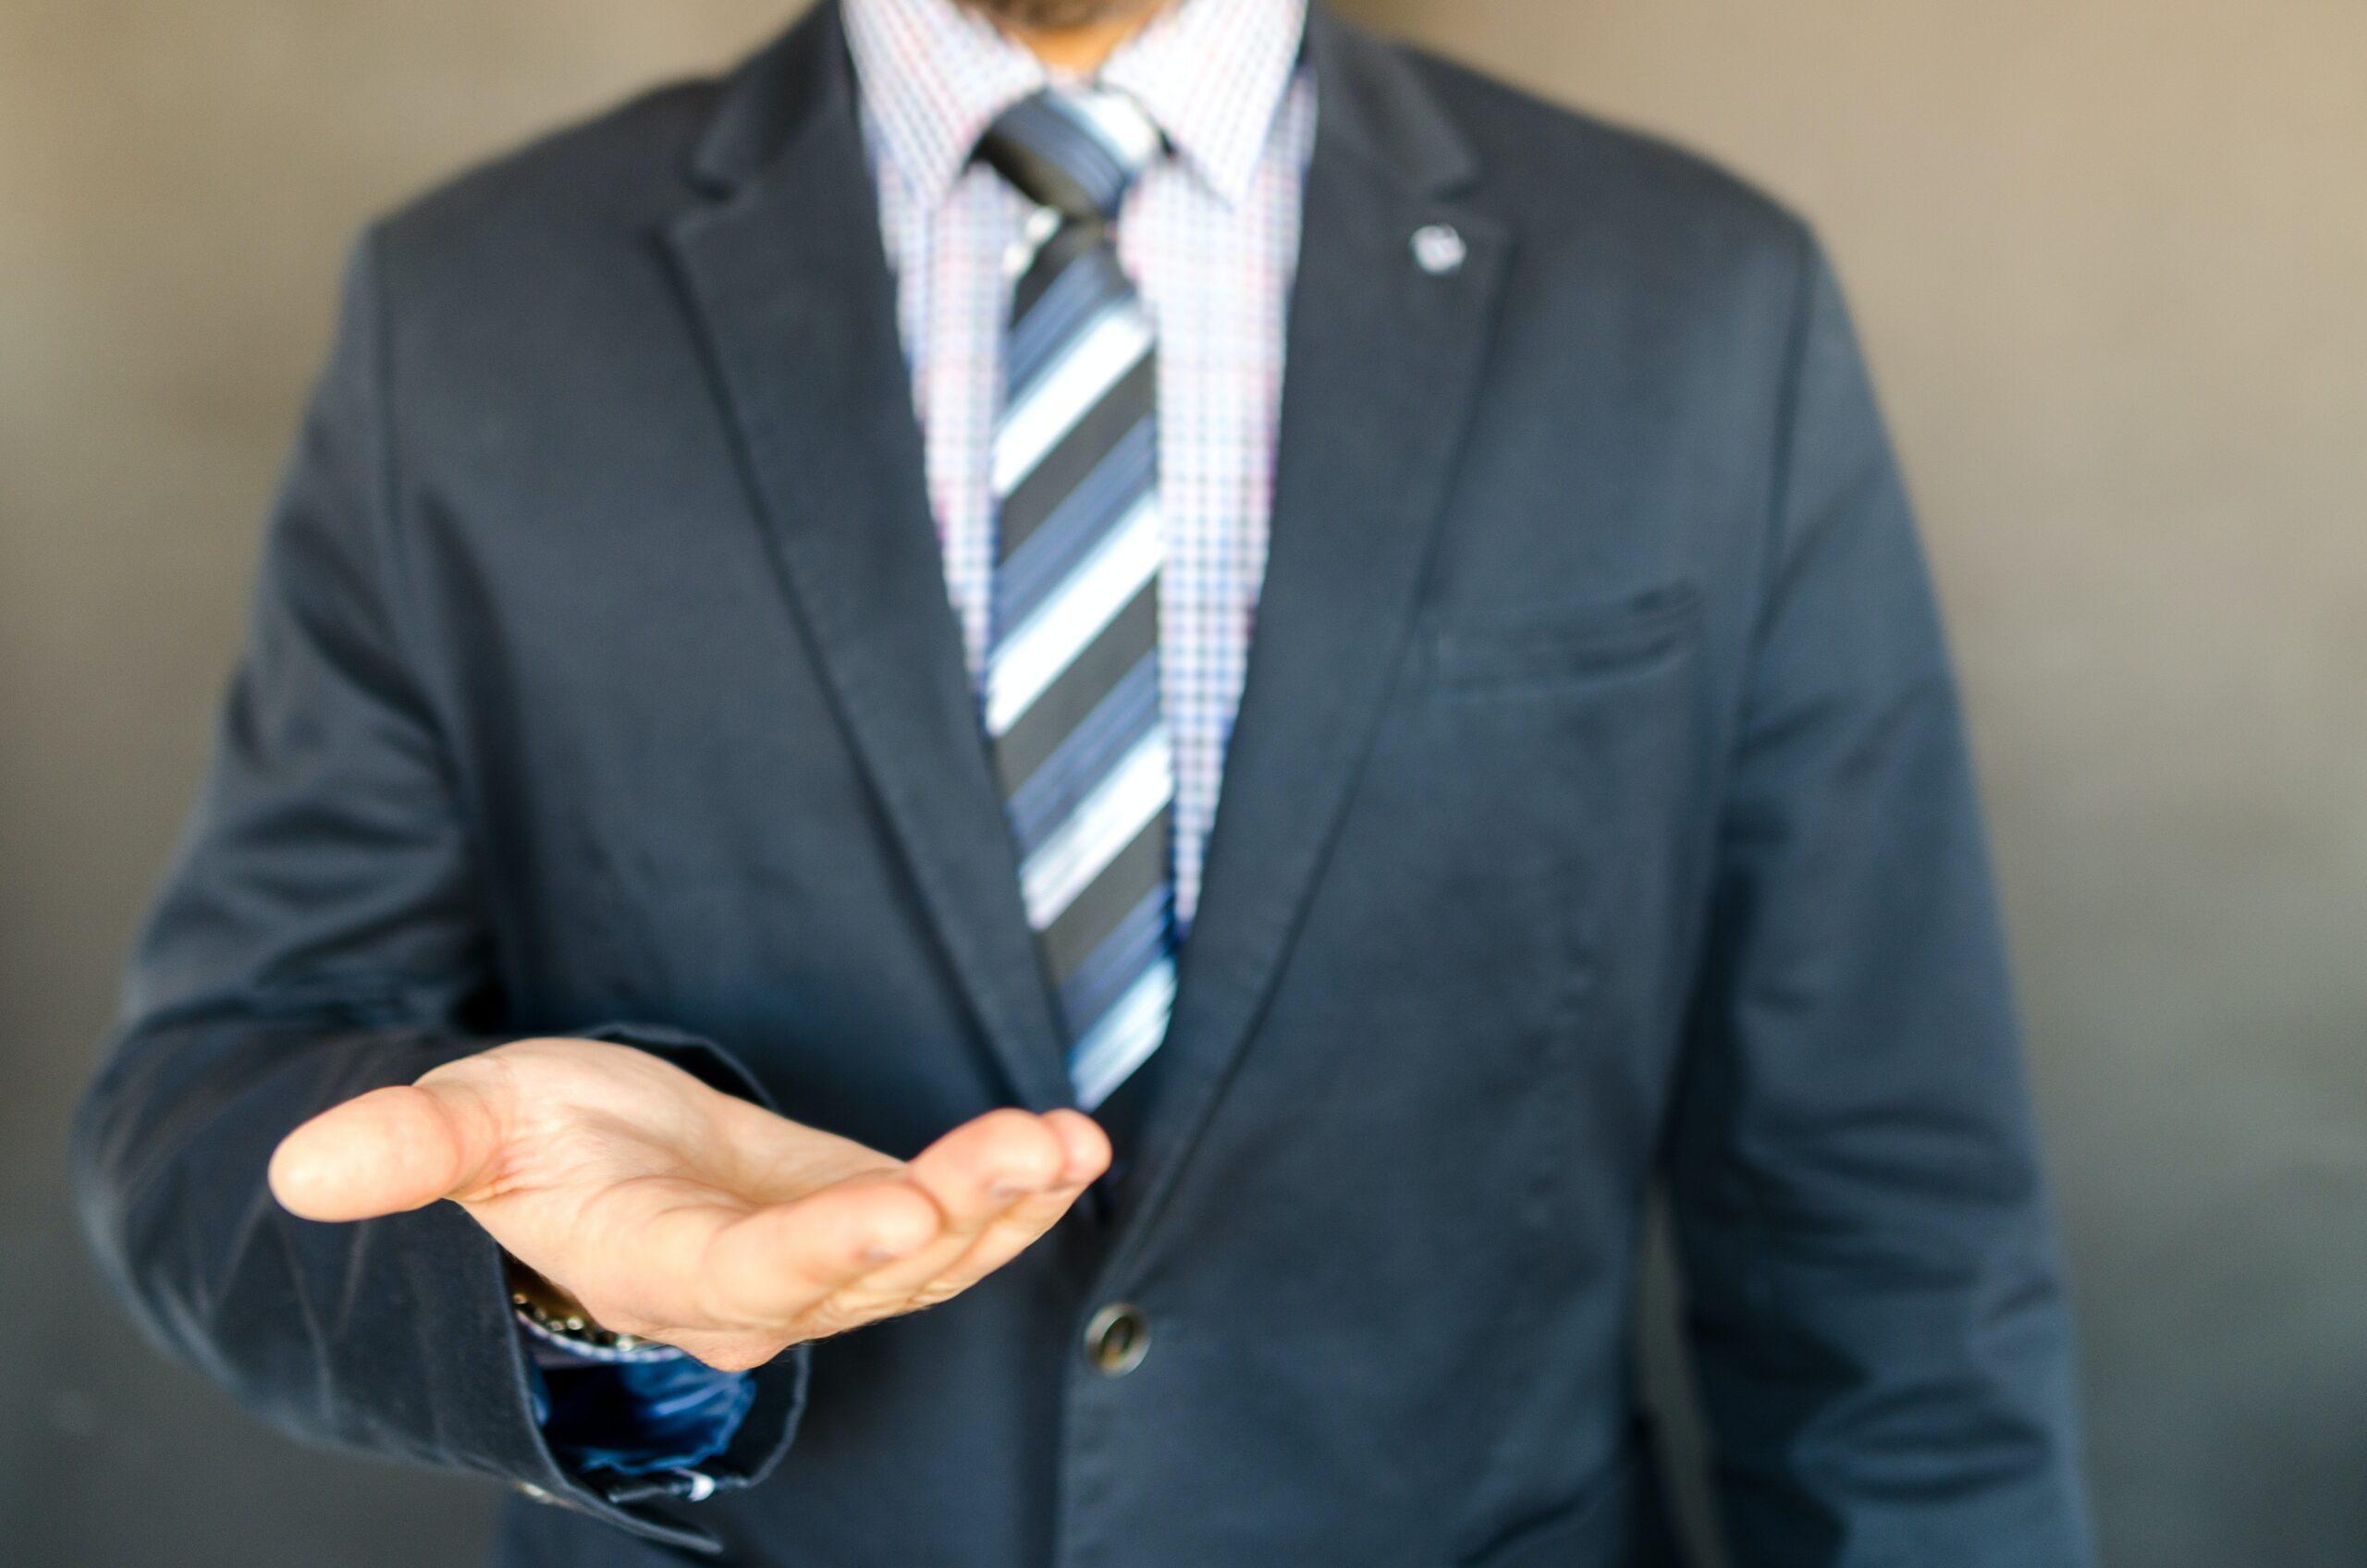 公務員が副業をしてはいけない理由と本業以外に収入を得る方法